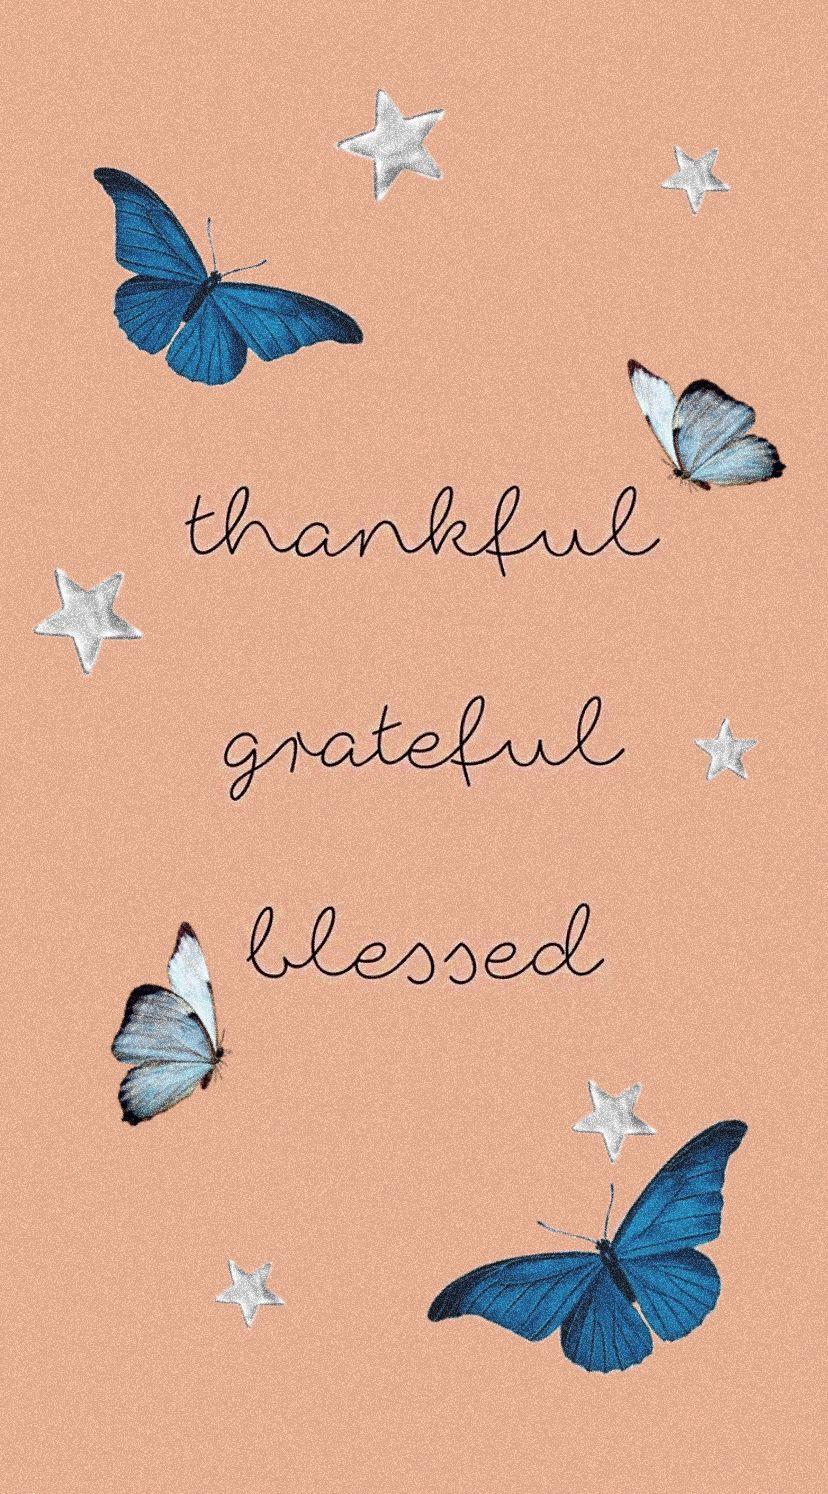 Christian vsco faith wallpaper iPhone blue butterflies